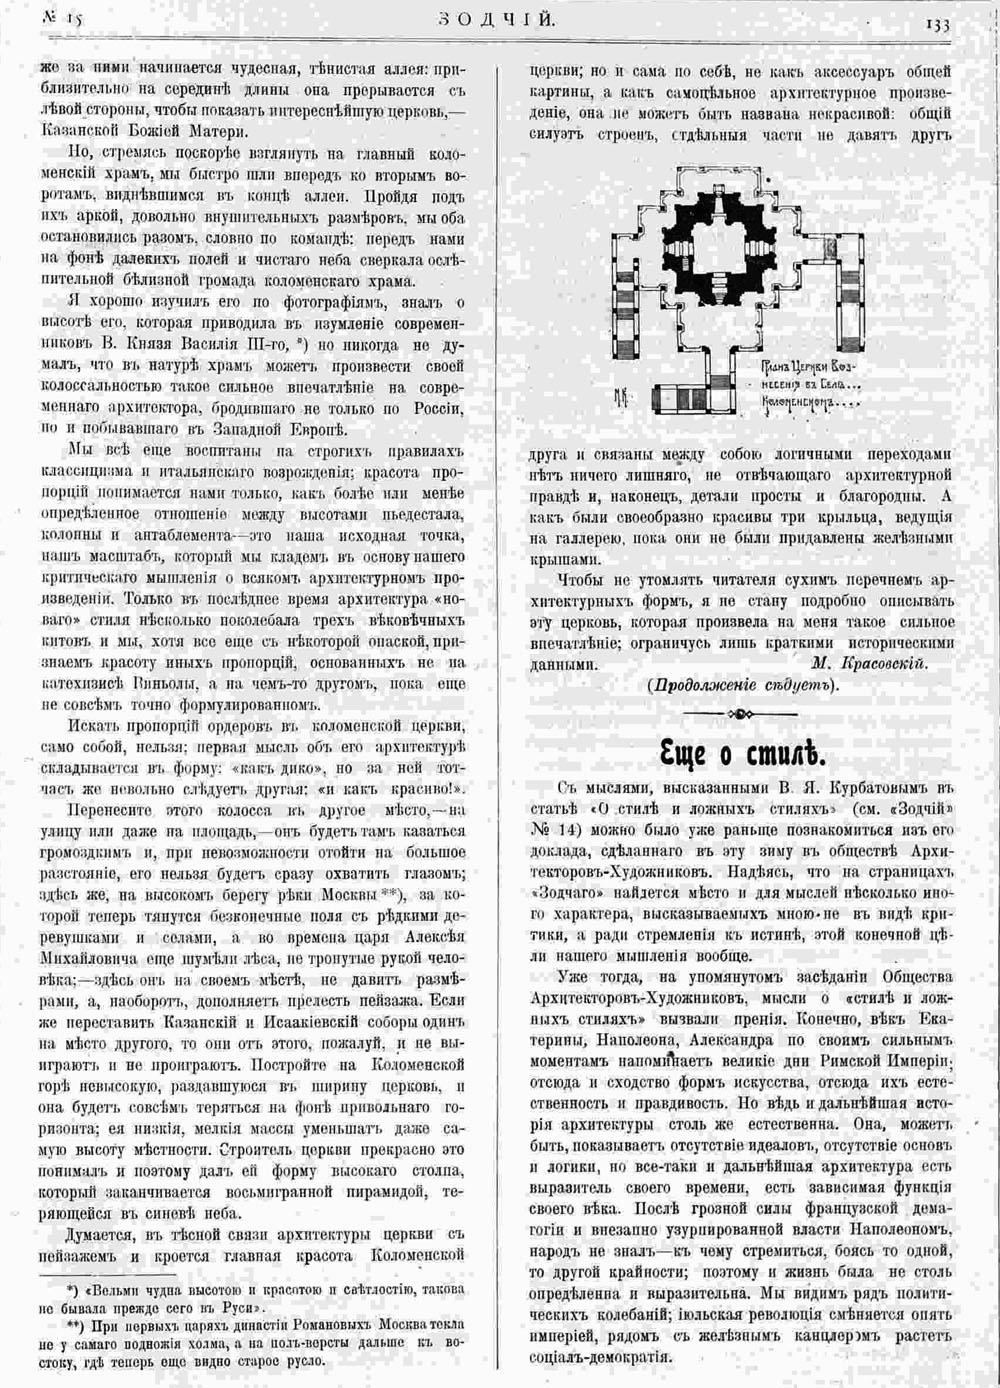 коломенское3.jpg